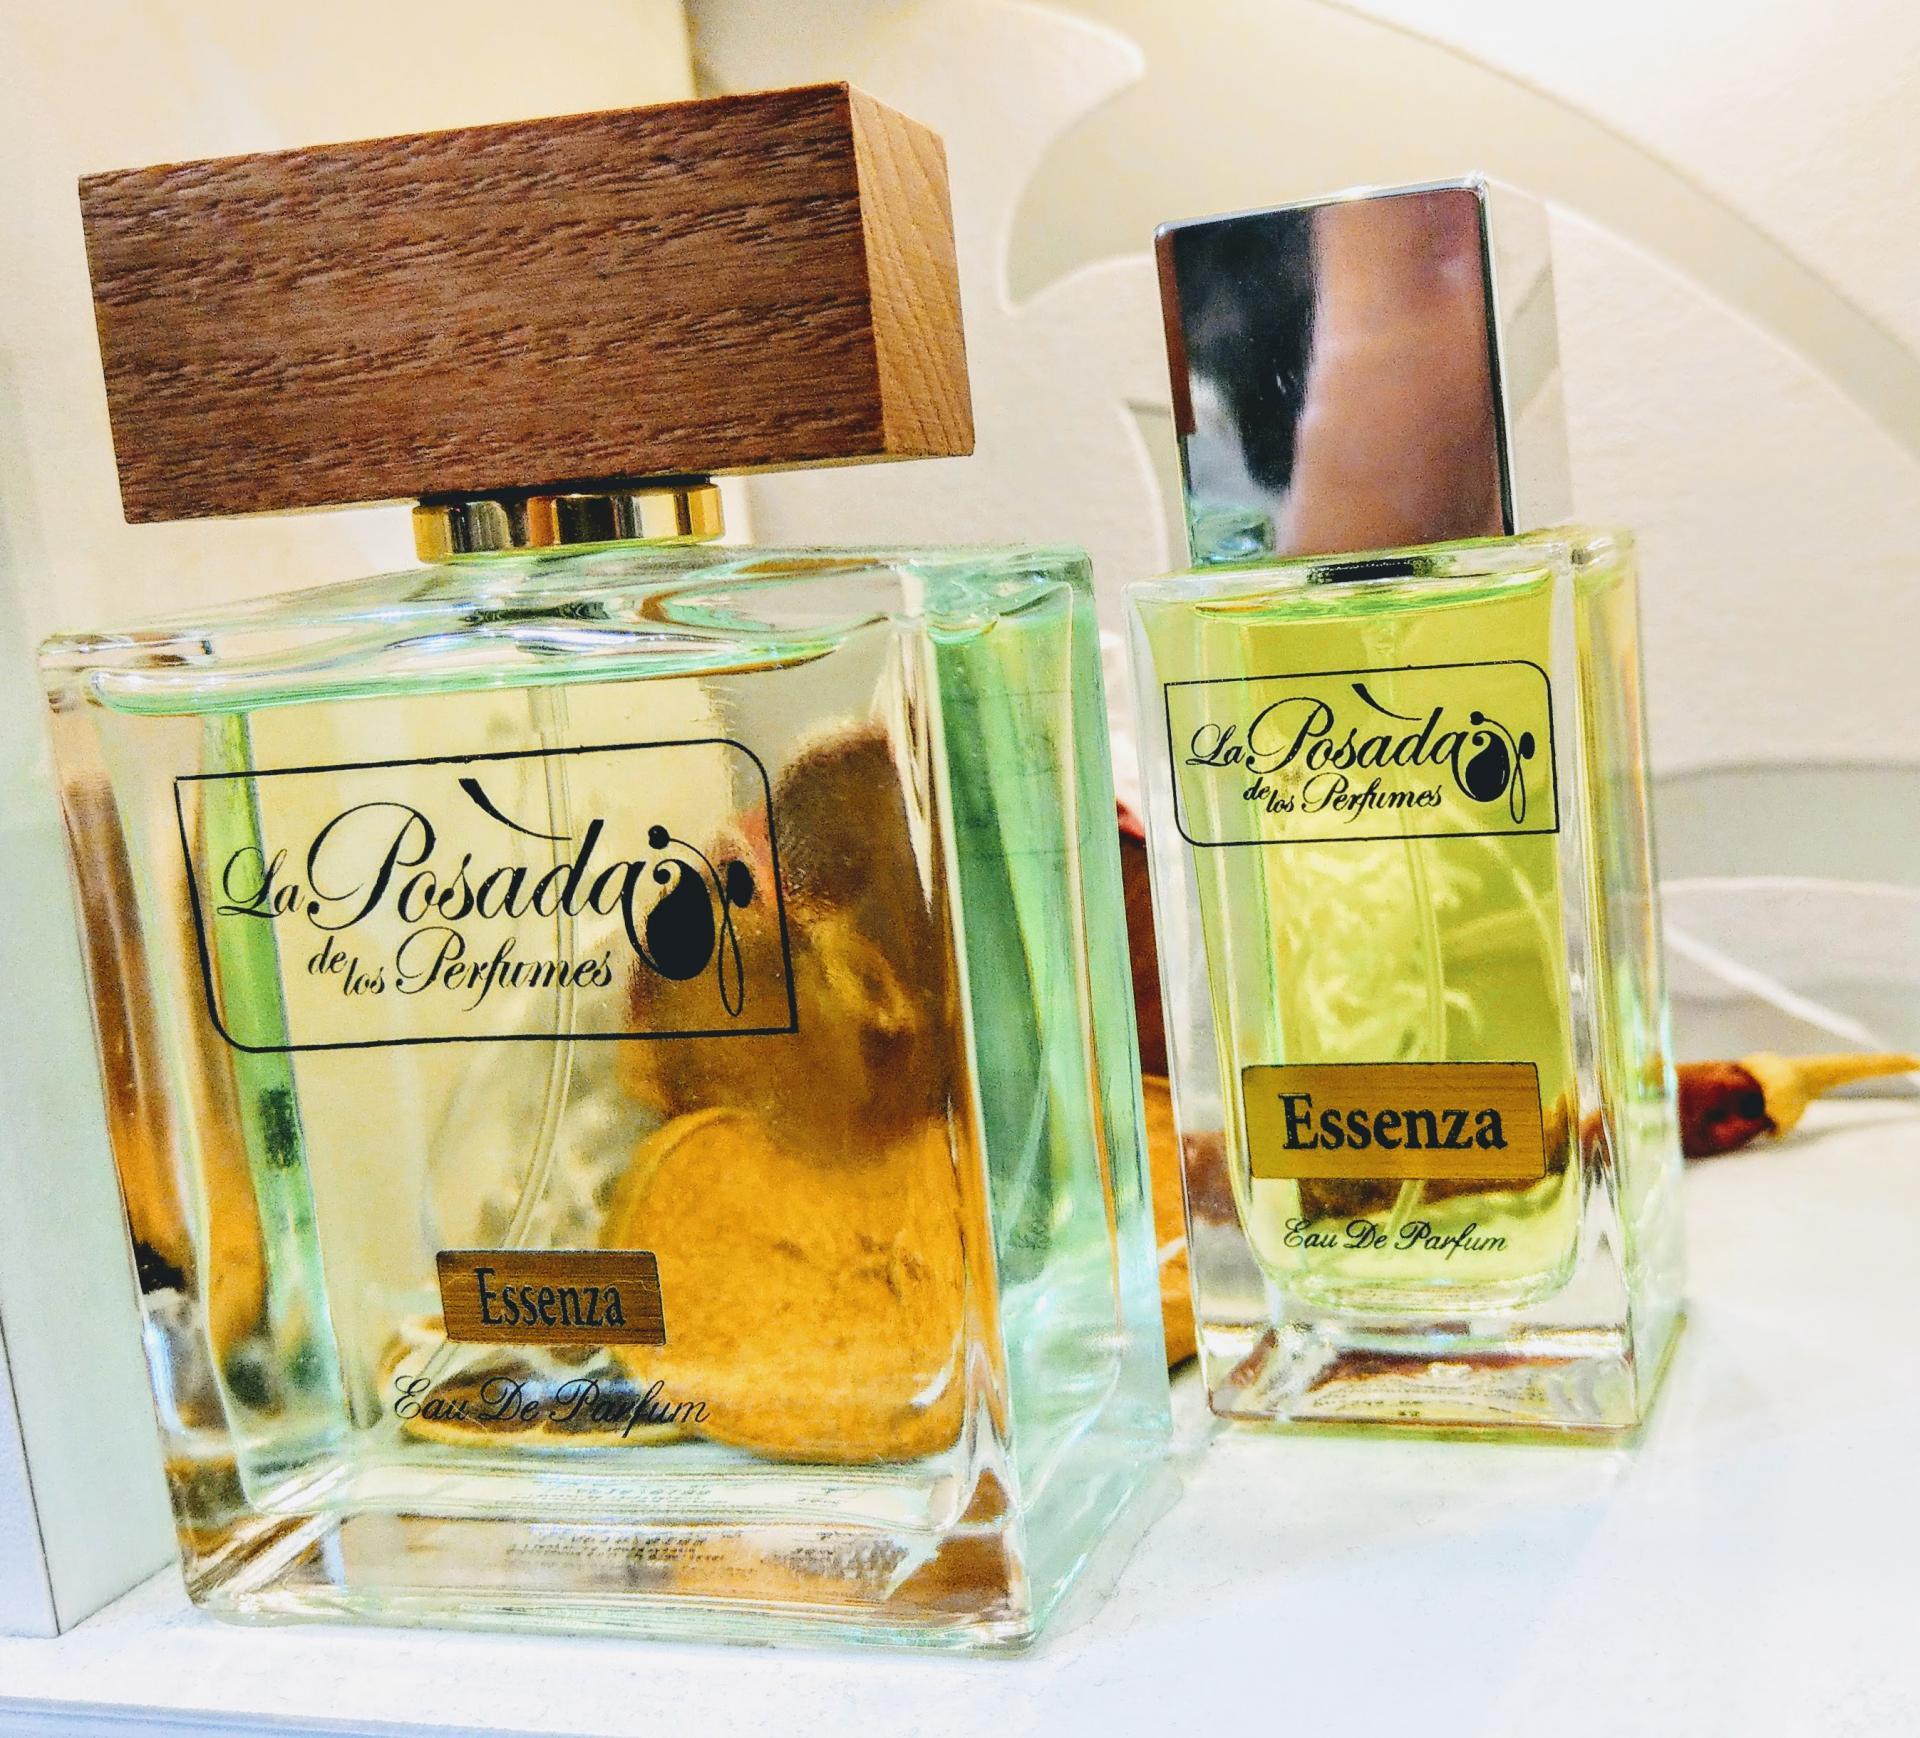 Essenza Eau de Parfum